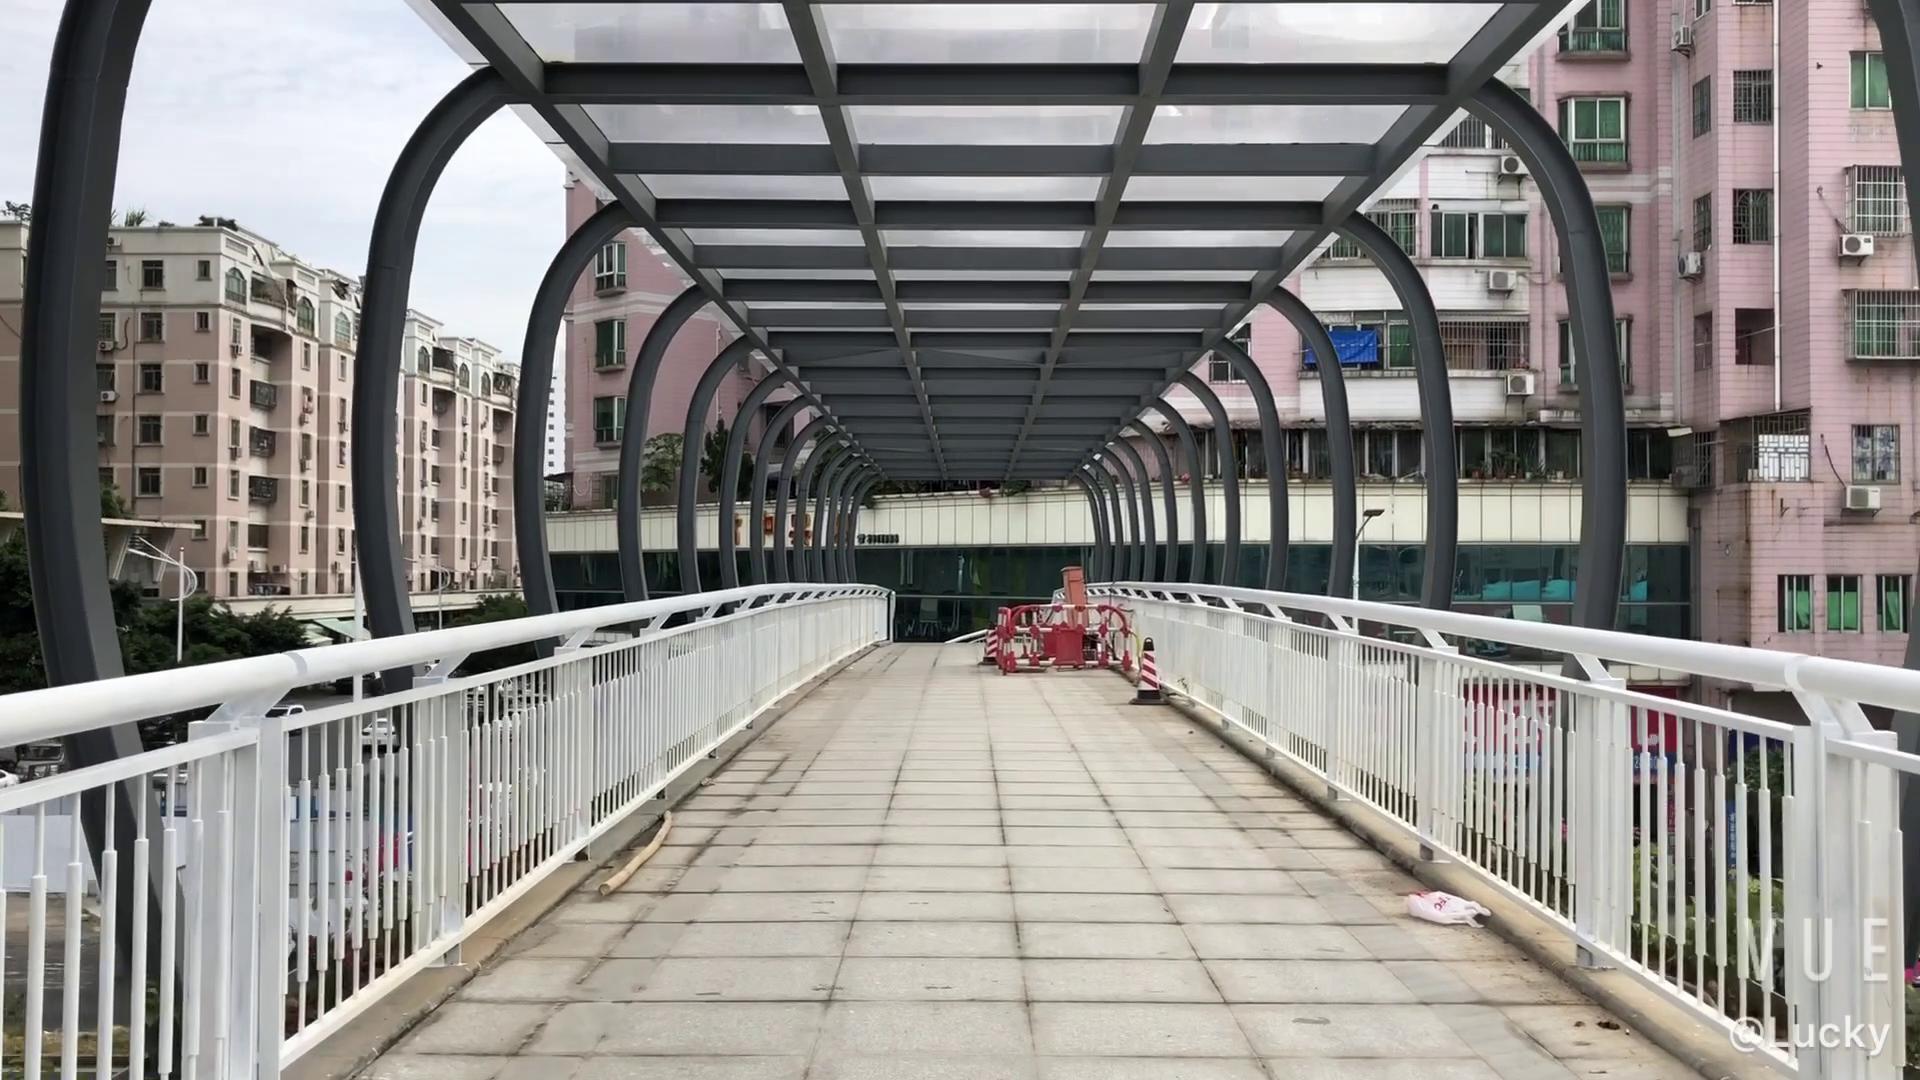 端州区又一处新增的人行天桥即将上线,方便桥北路与大桥路附近市民出行